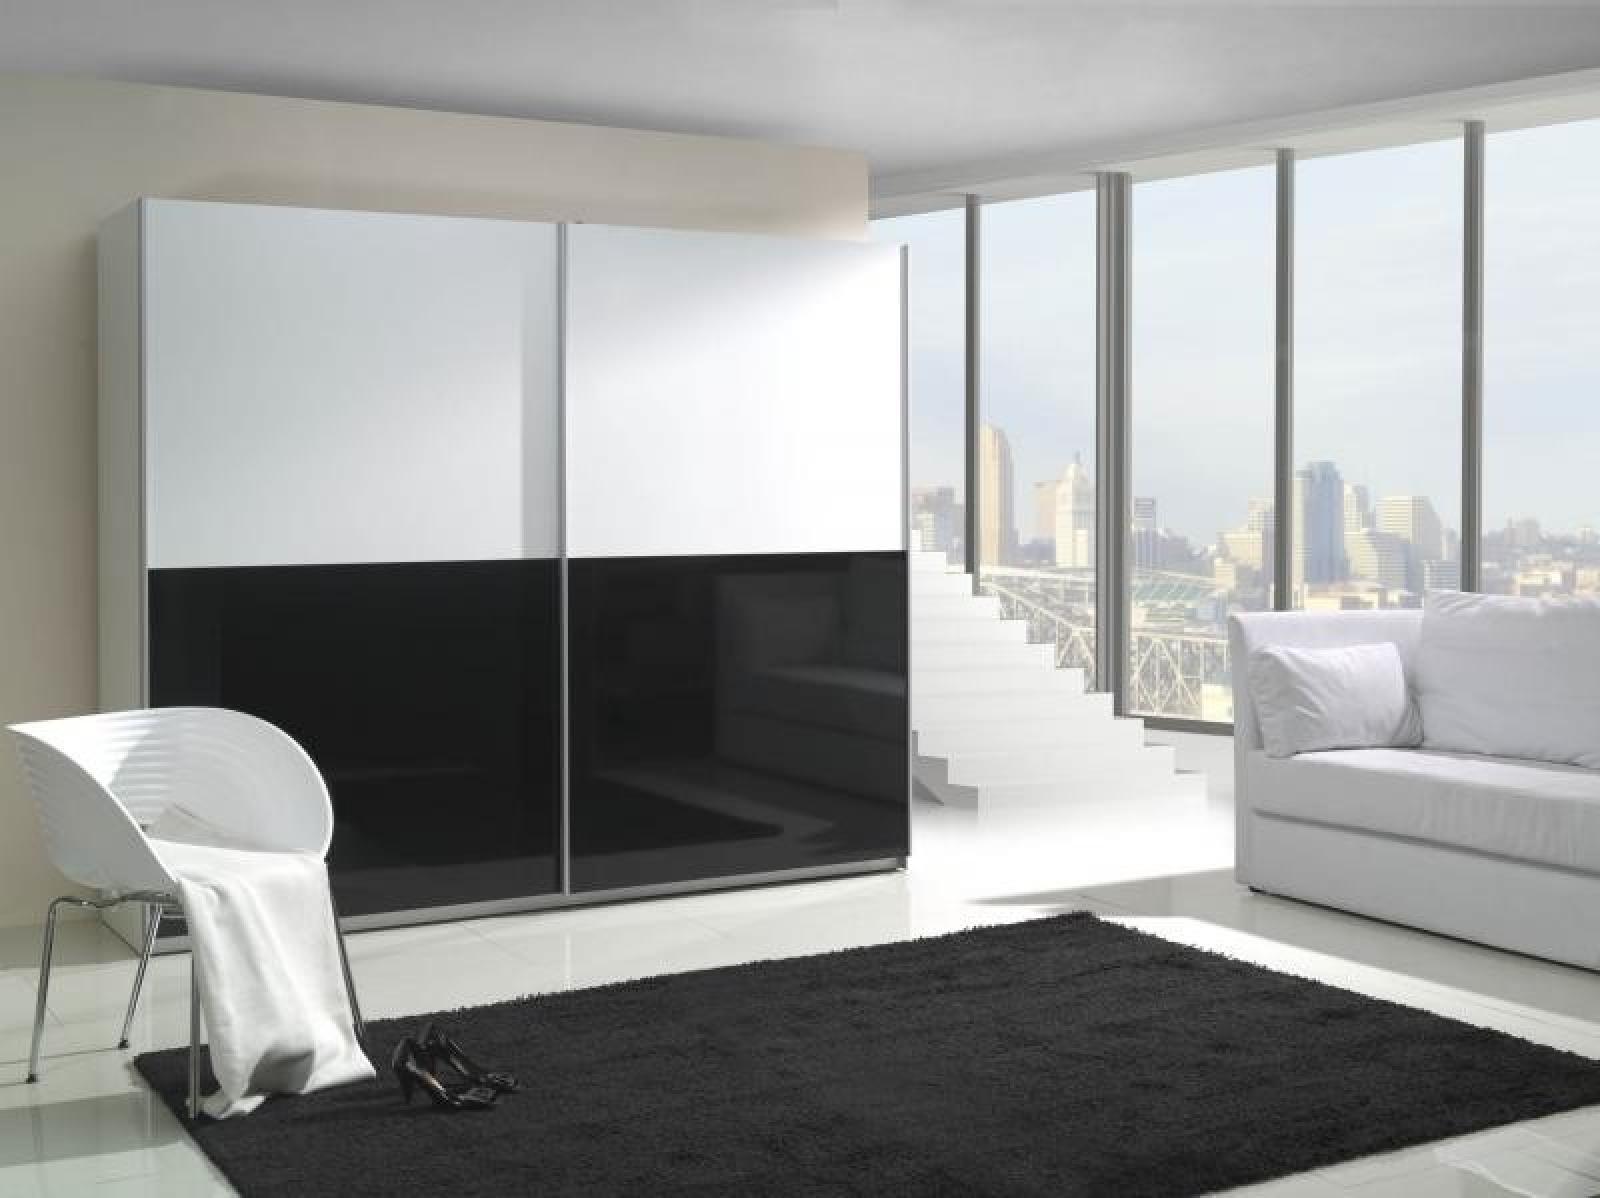 Kleiderschrank spiegel modern  KAUFEXPERT - Schwebetürenschrank 244 cm Prestige 5 Weiß Schwarz ...